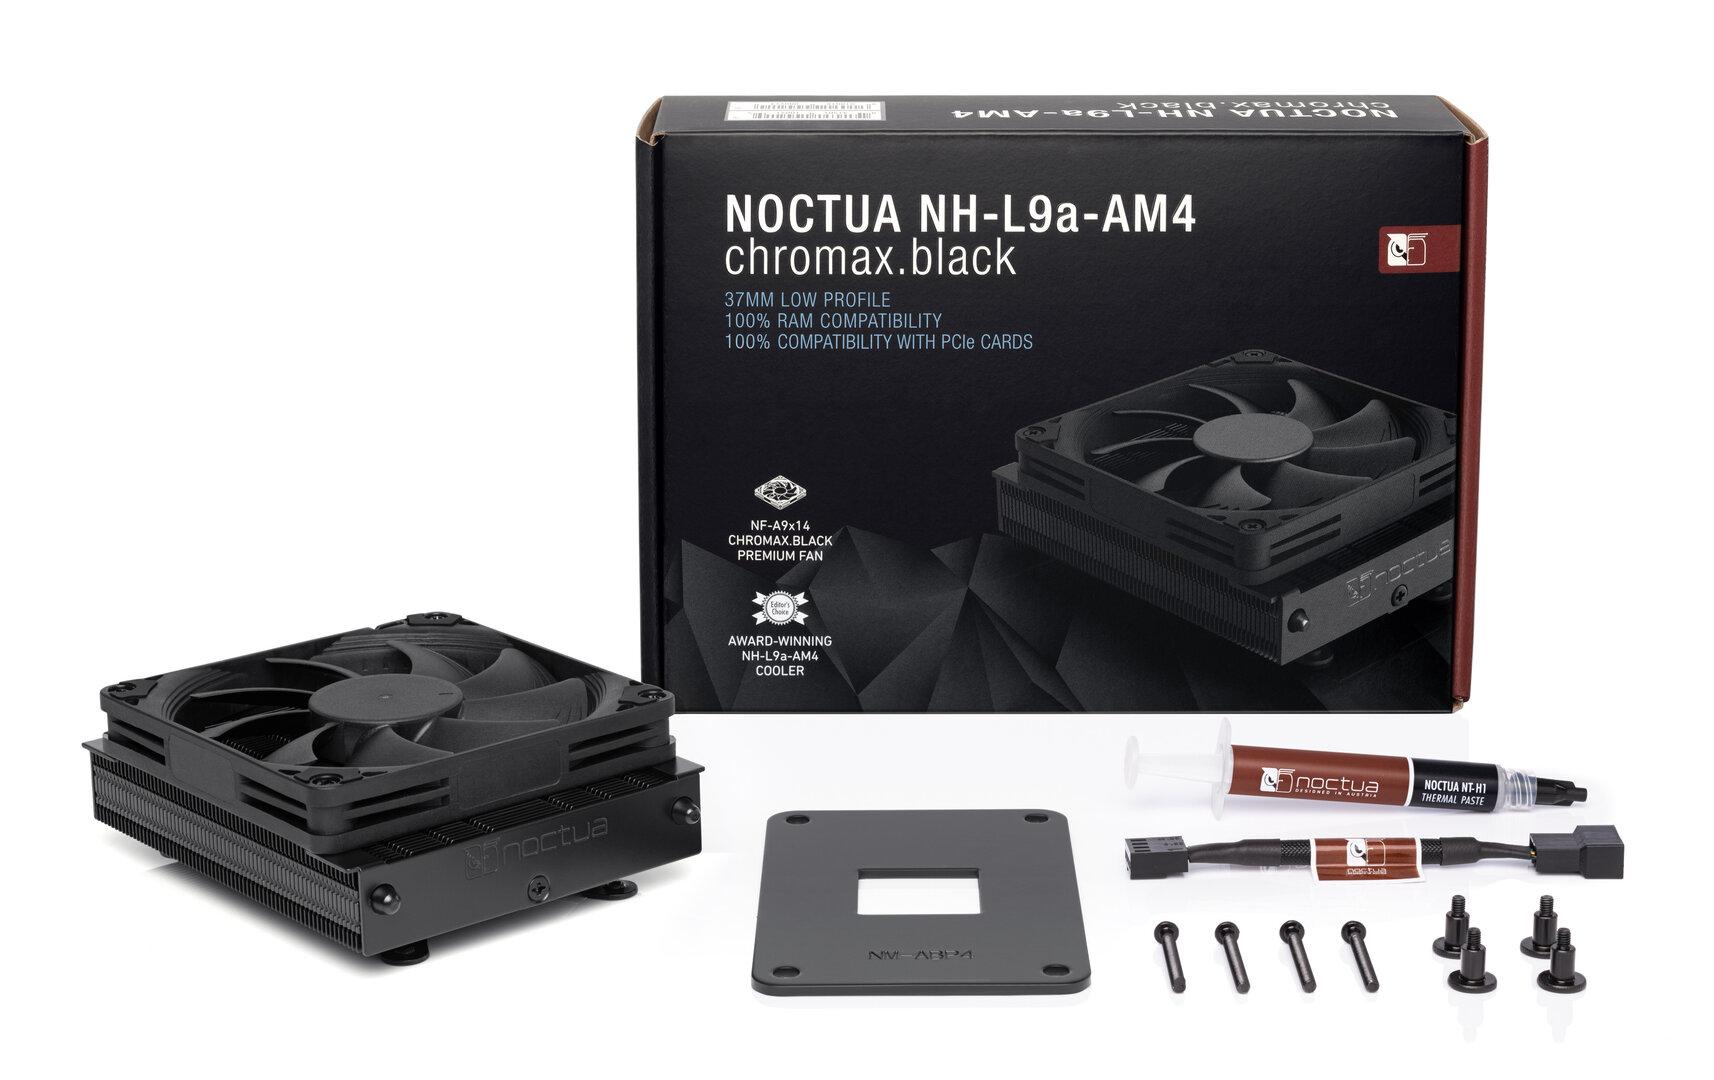 Noctua NH-L9a-AM4 chromax.black